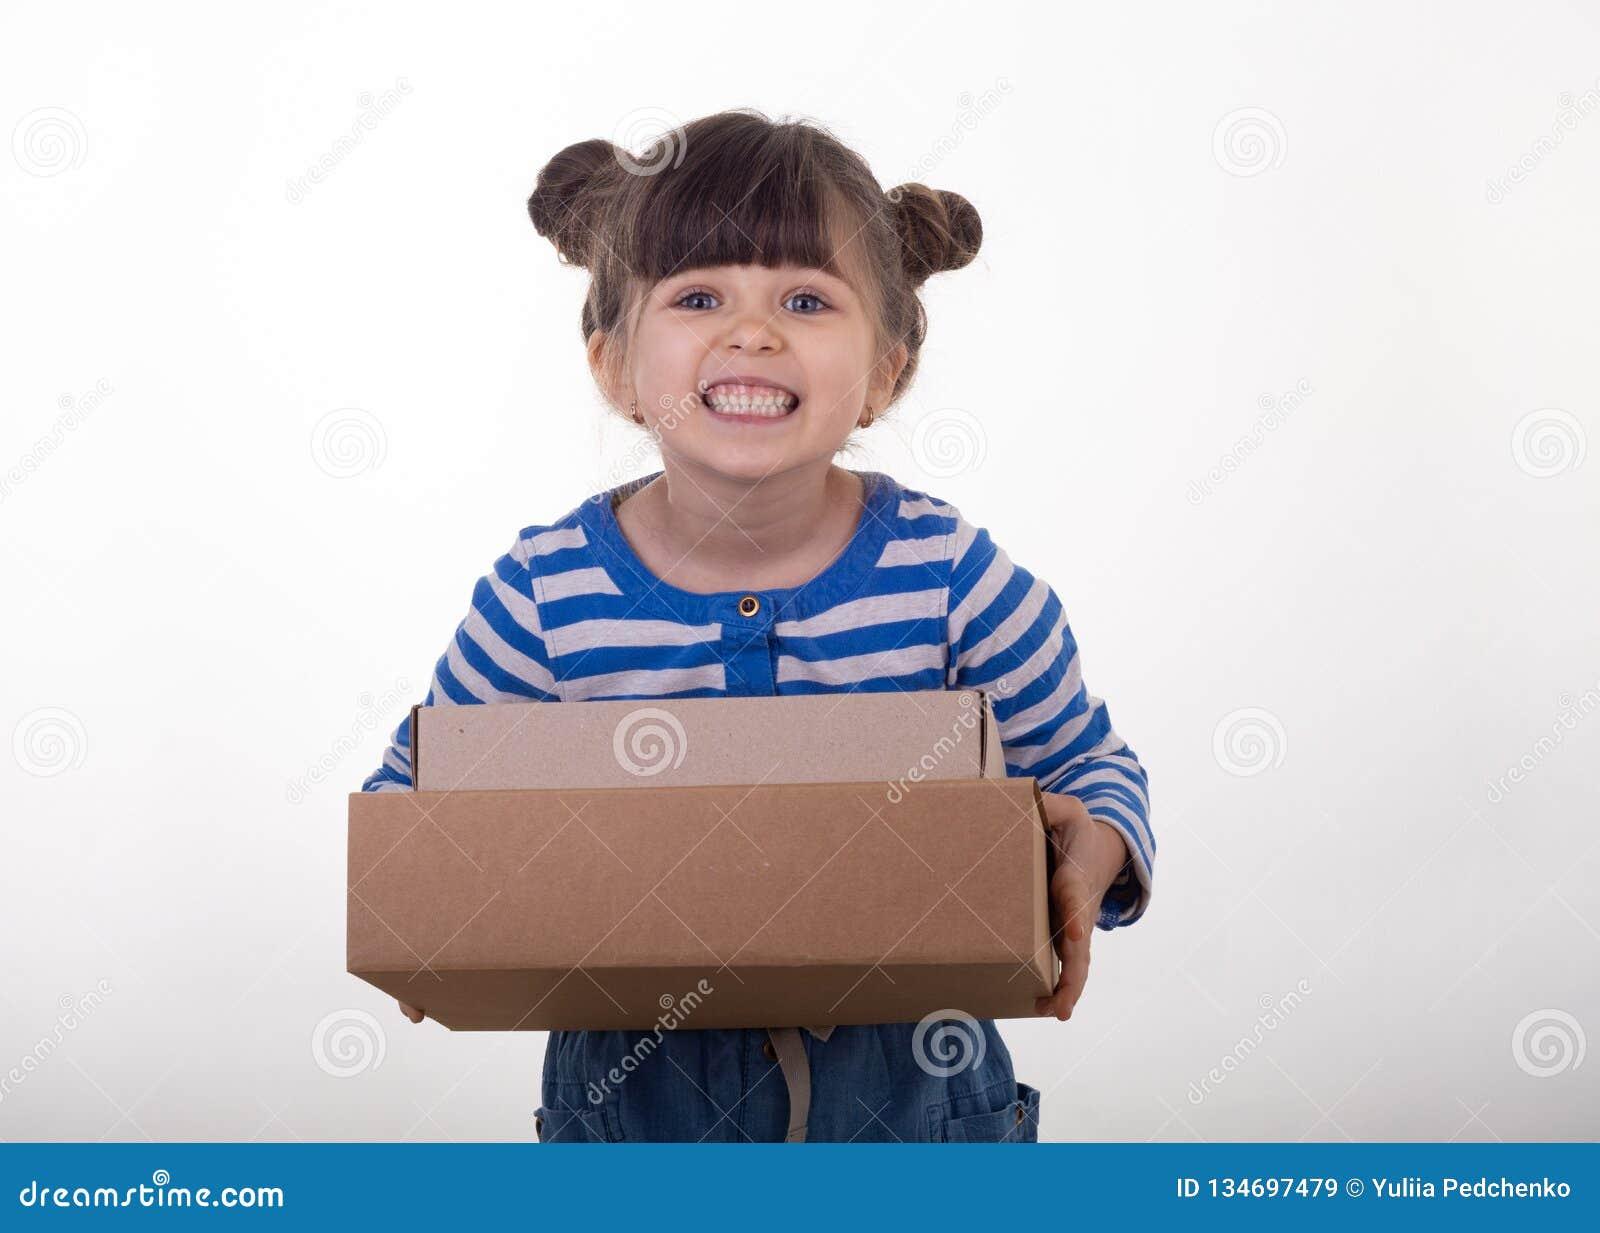 Εικόνα ενός ευτυχούς παιδιού που στέκεται με το κιβώτιο υπηρεσιών αποστολής δεμάτων που απομονώνεται πέρα από το άσπρο υπόβαθρο